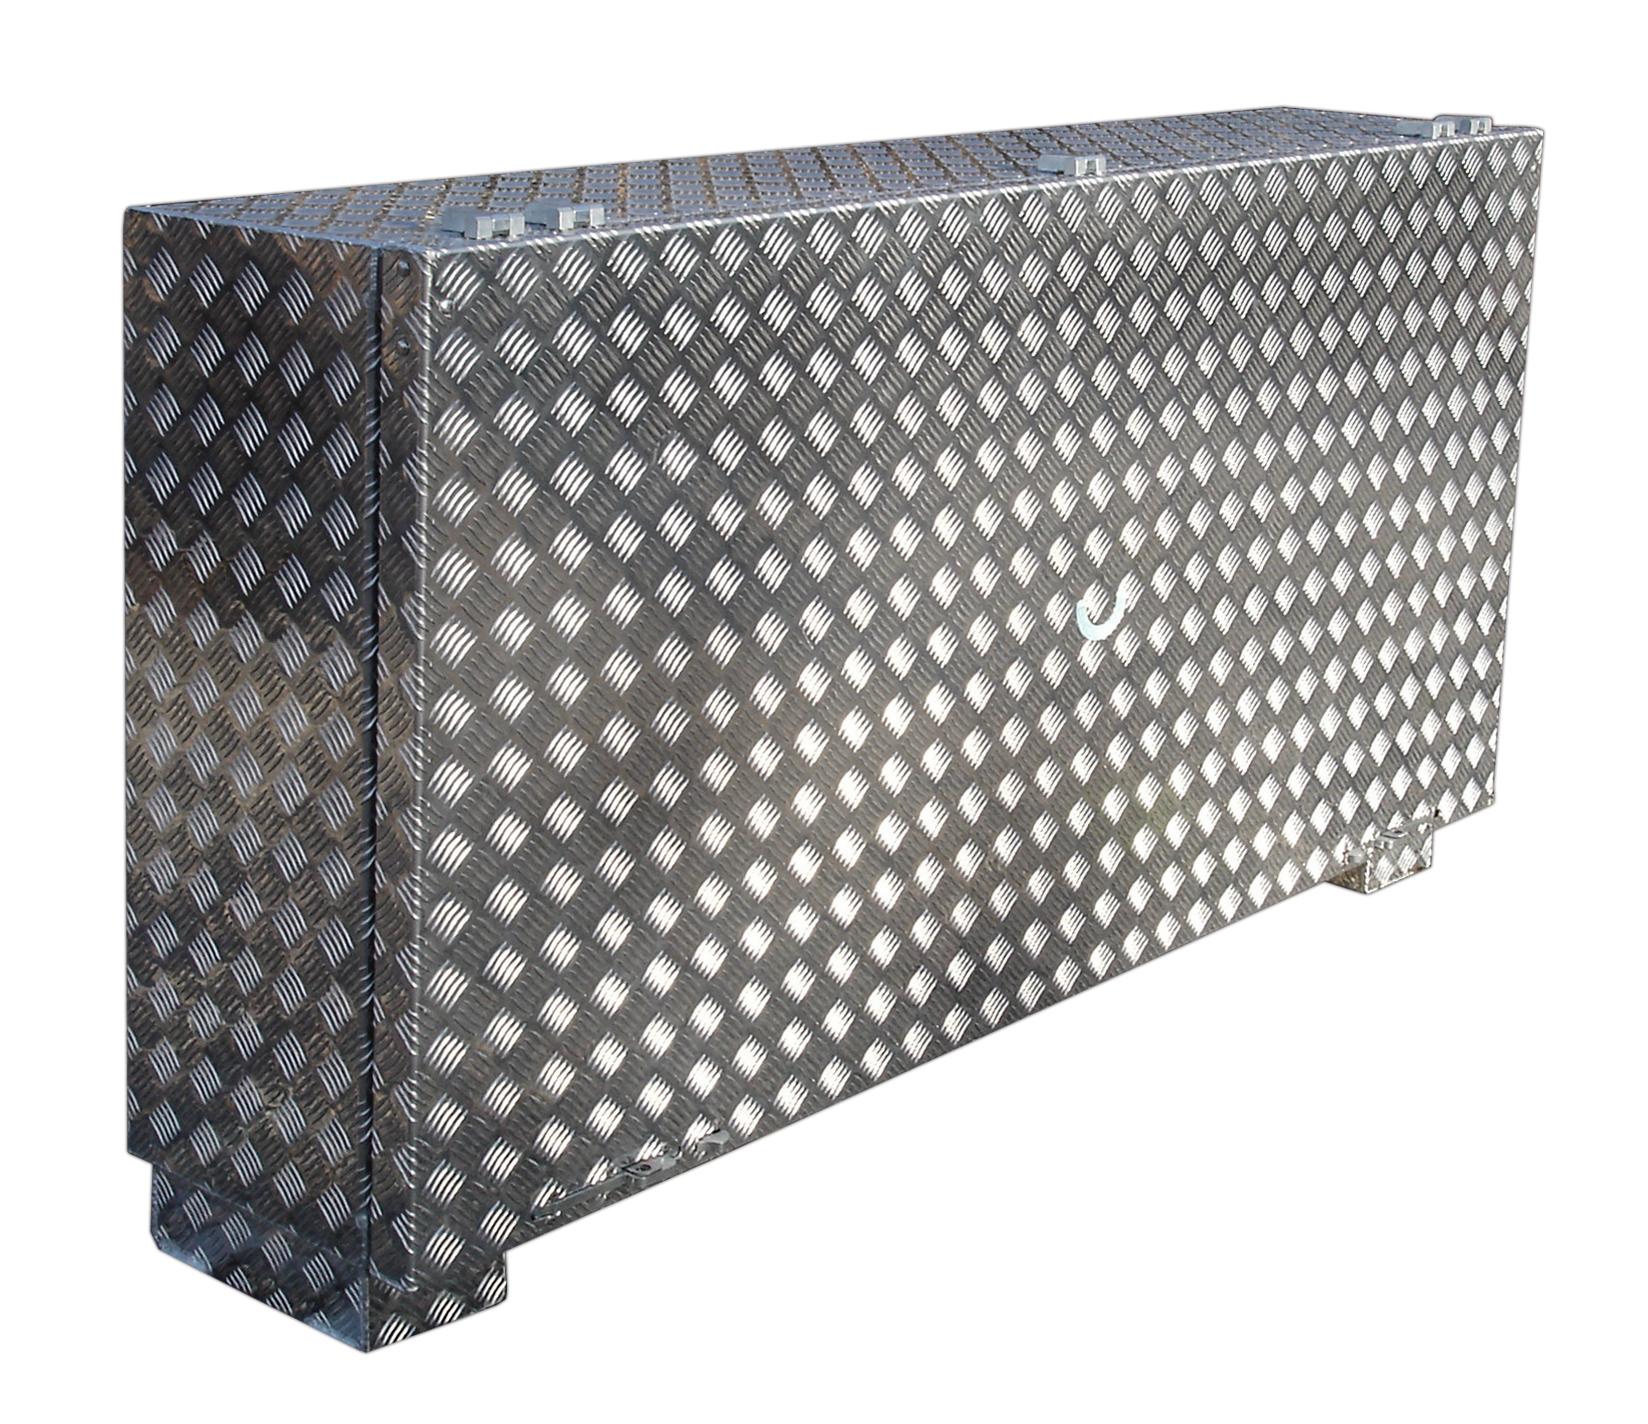 Toolbox Flach von Brossbox